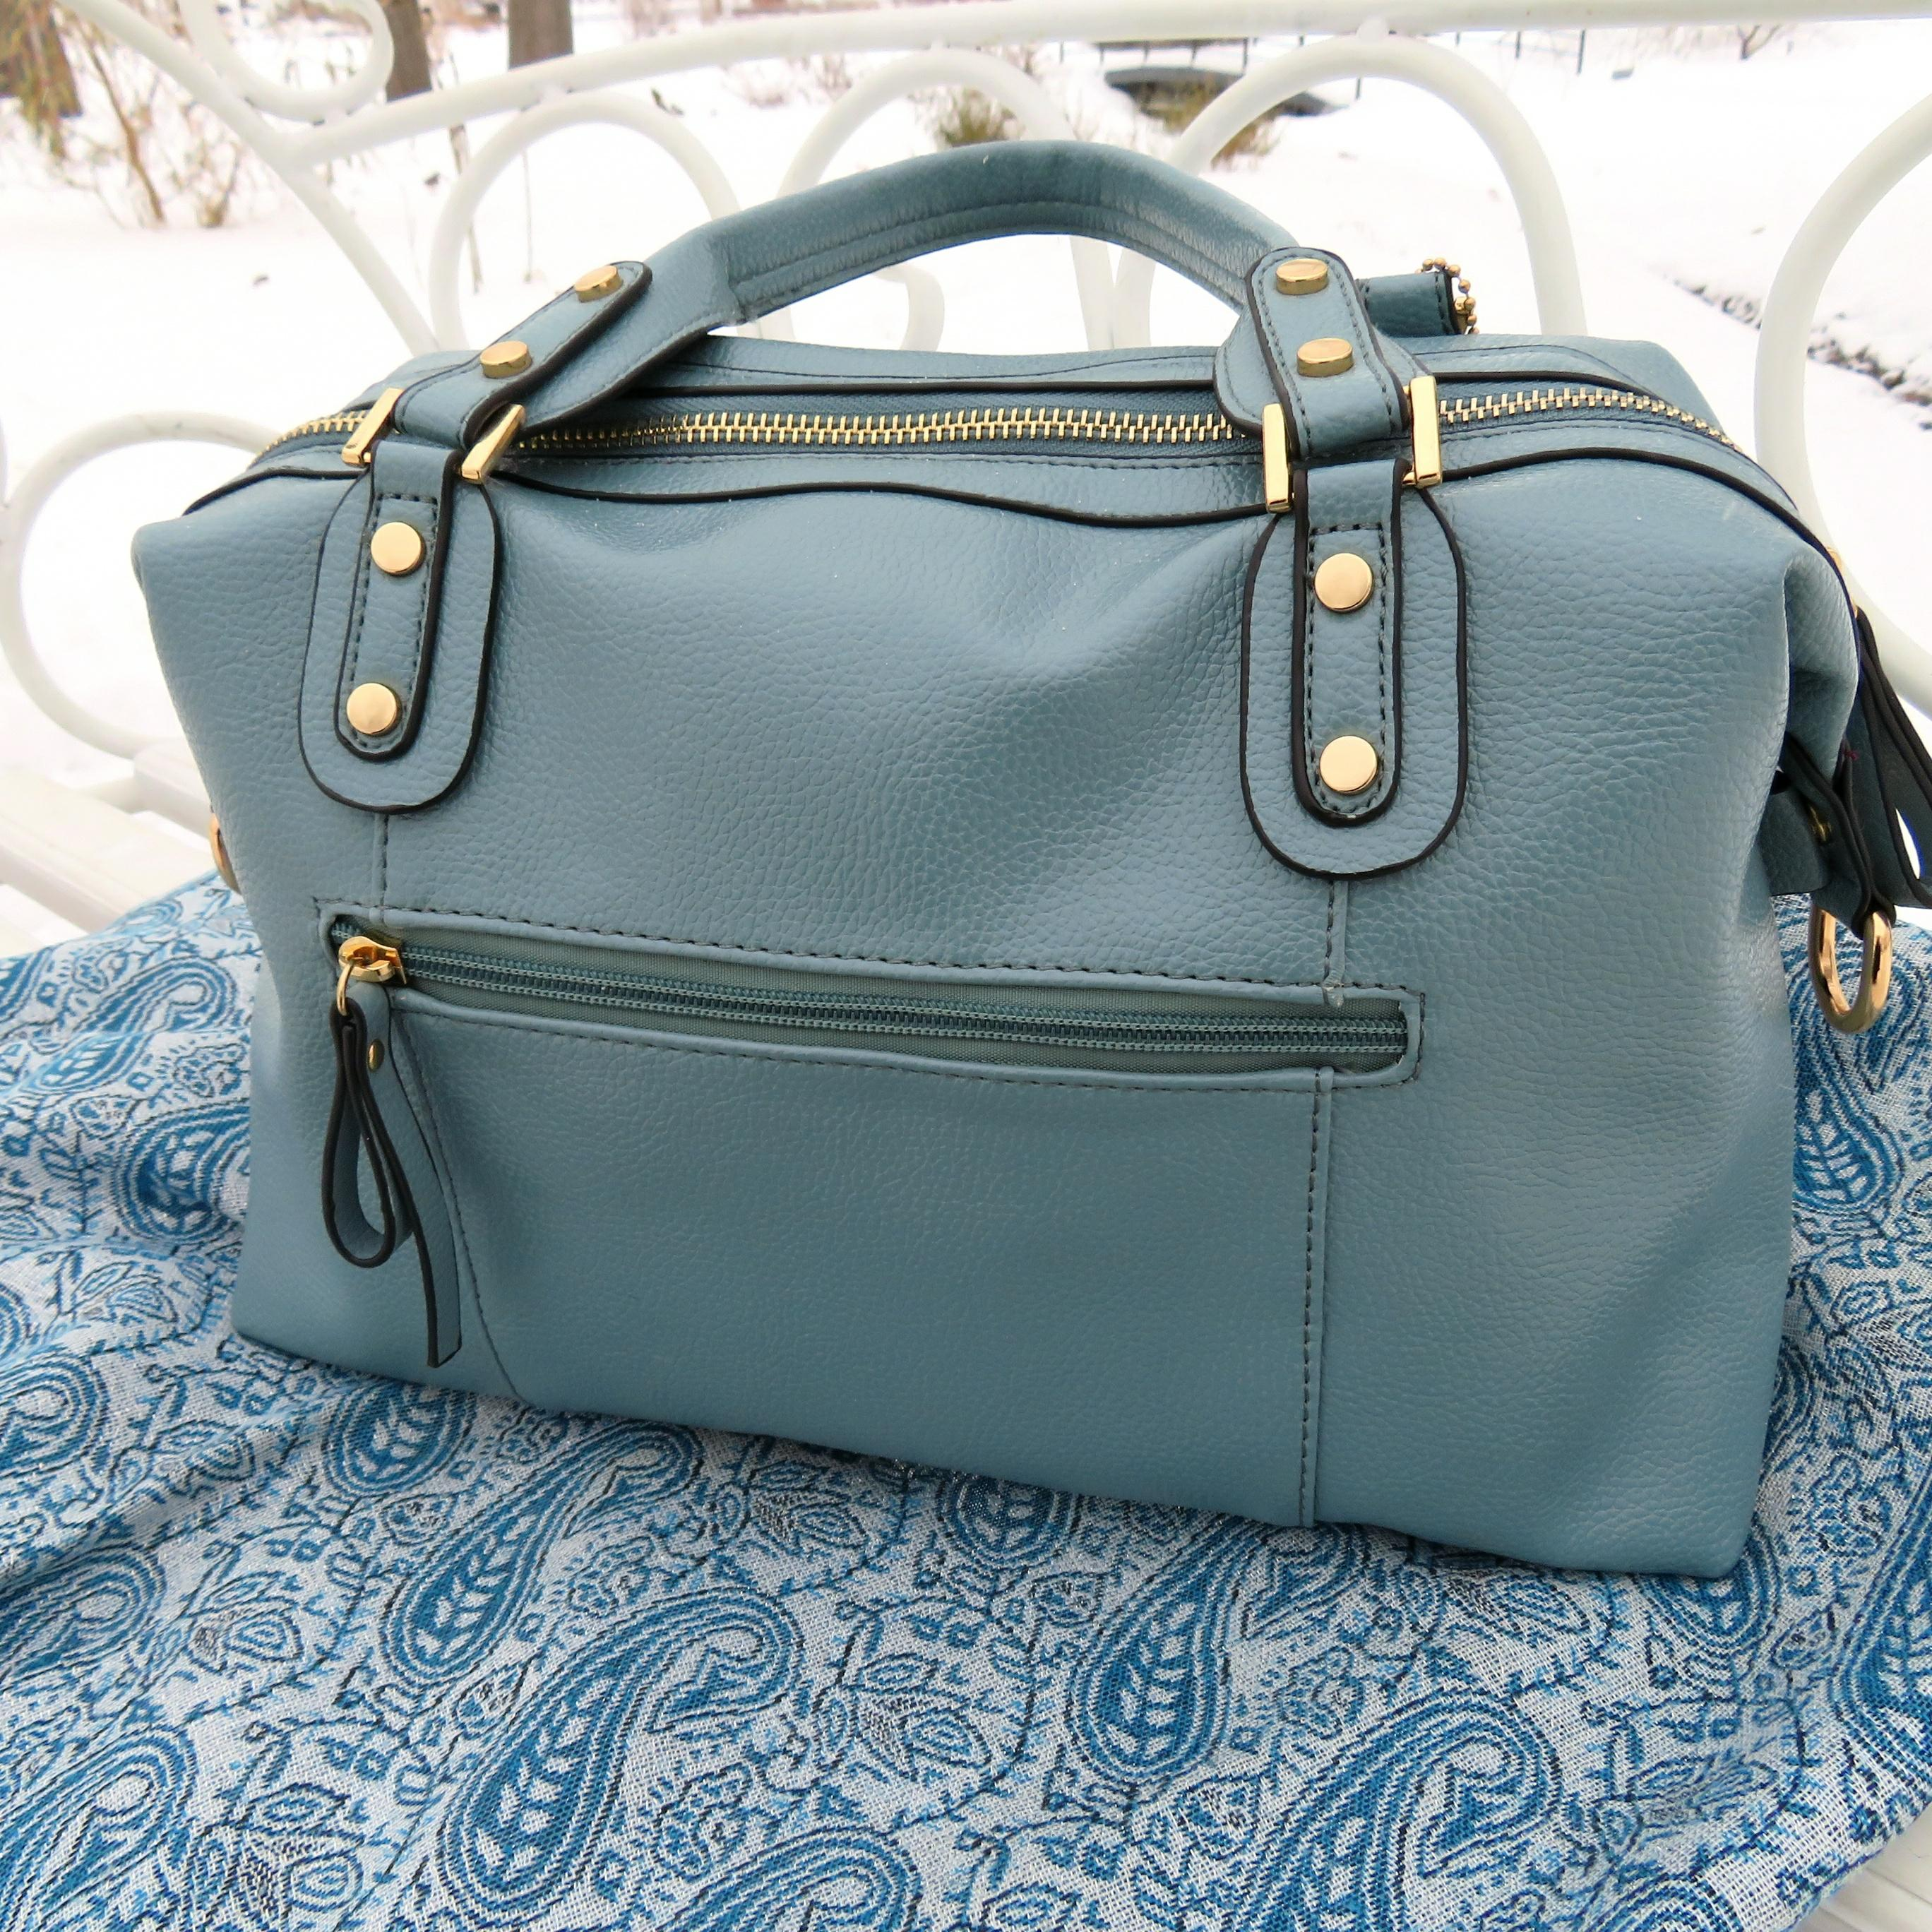 Стильная сумка спокойного серого-голубого цвета